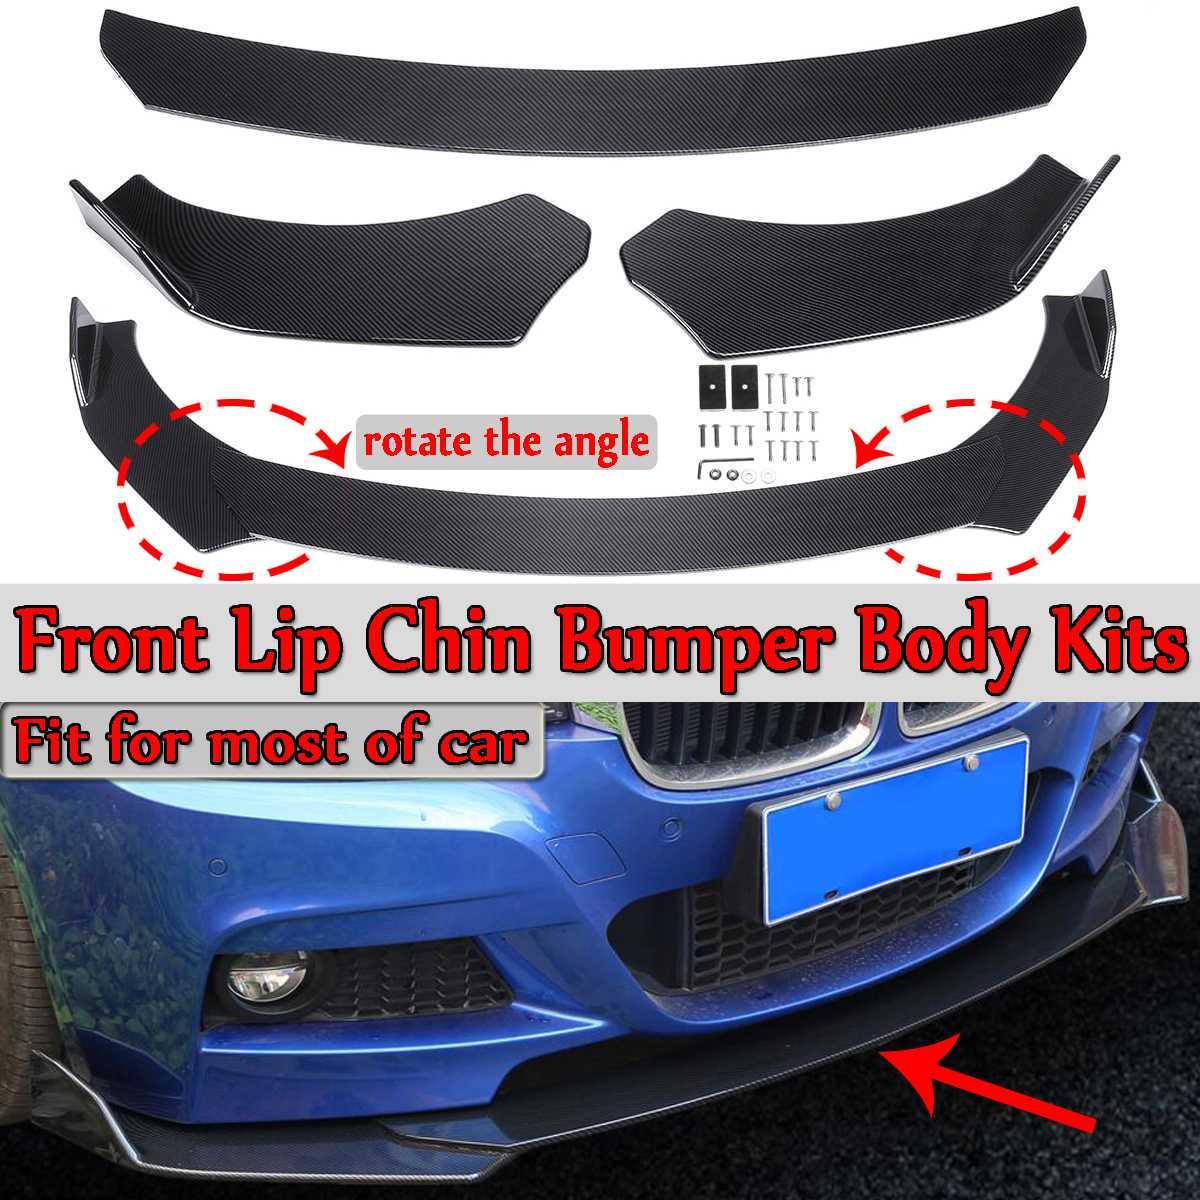 3 Peças Car Frente Lip Chin Body Kits para Carros Universal Fibra De Carbono Olhar/Preto Girar O Ângulo Novo Para honda Para Audi Para Benz